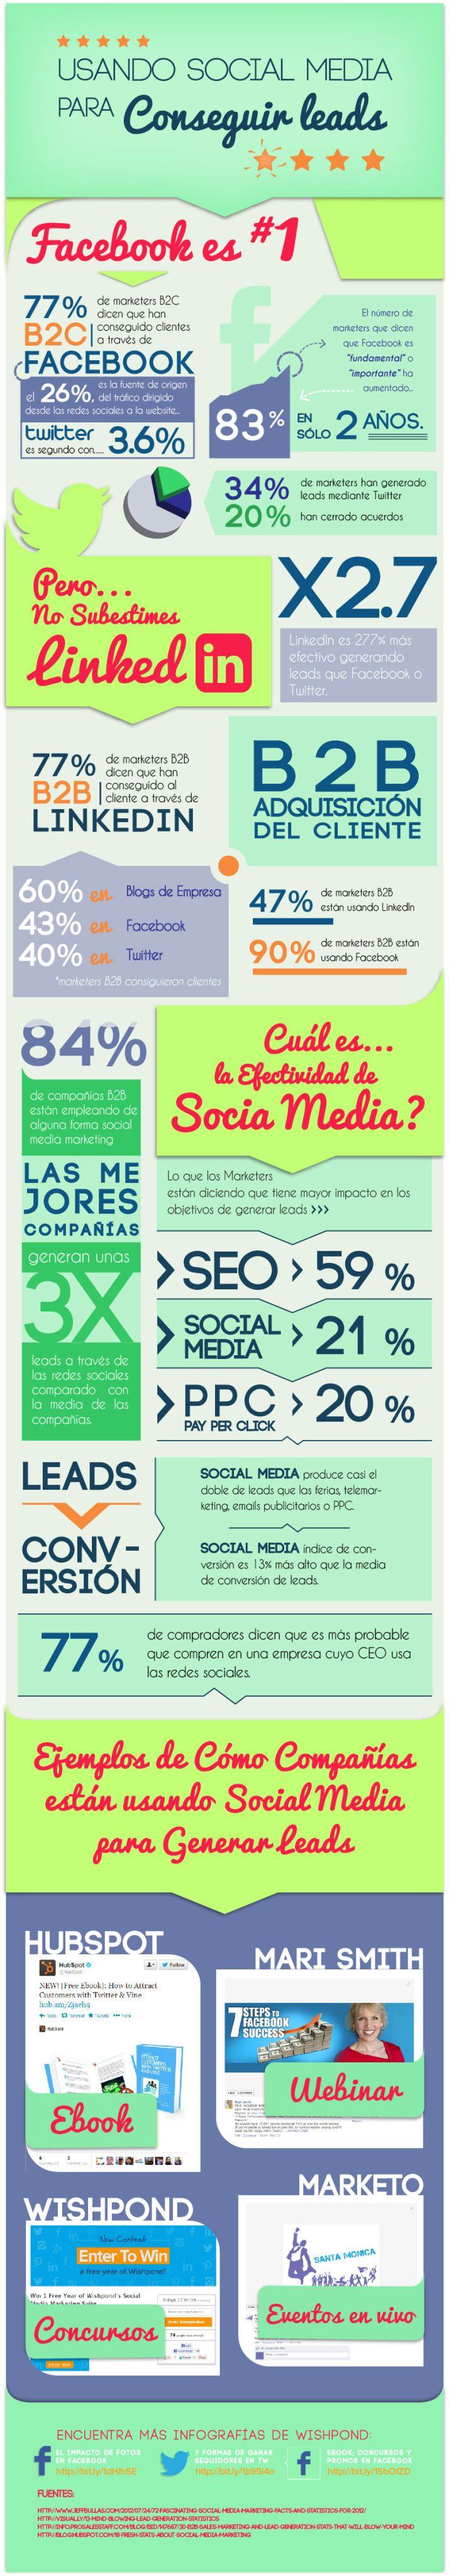 Usando Social Media para conseguir leads #infografia #infographic #marketing